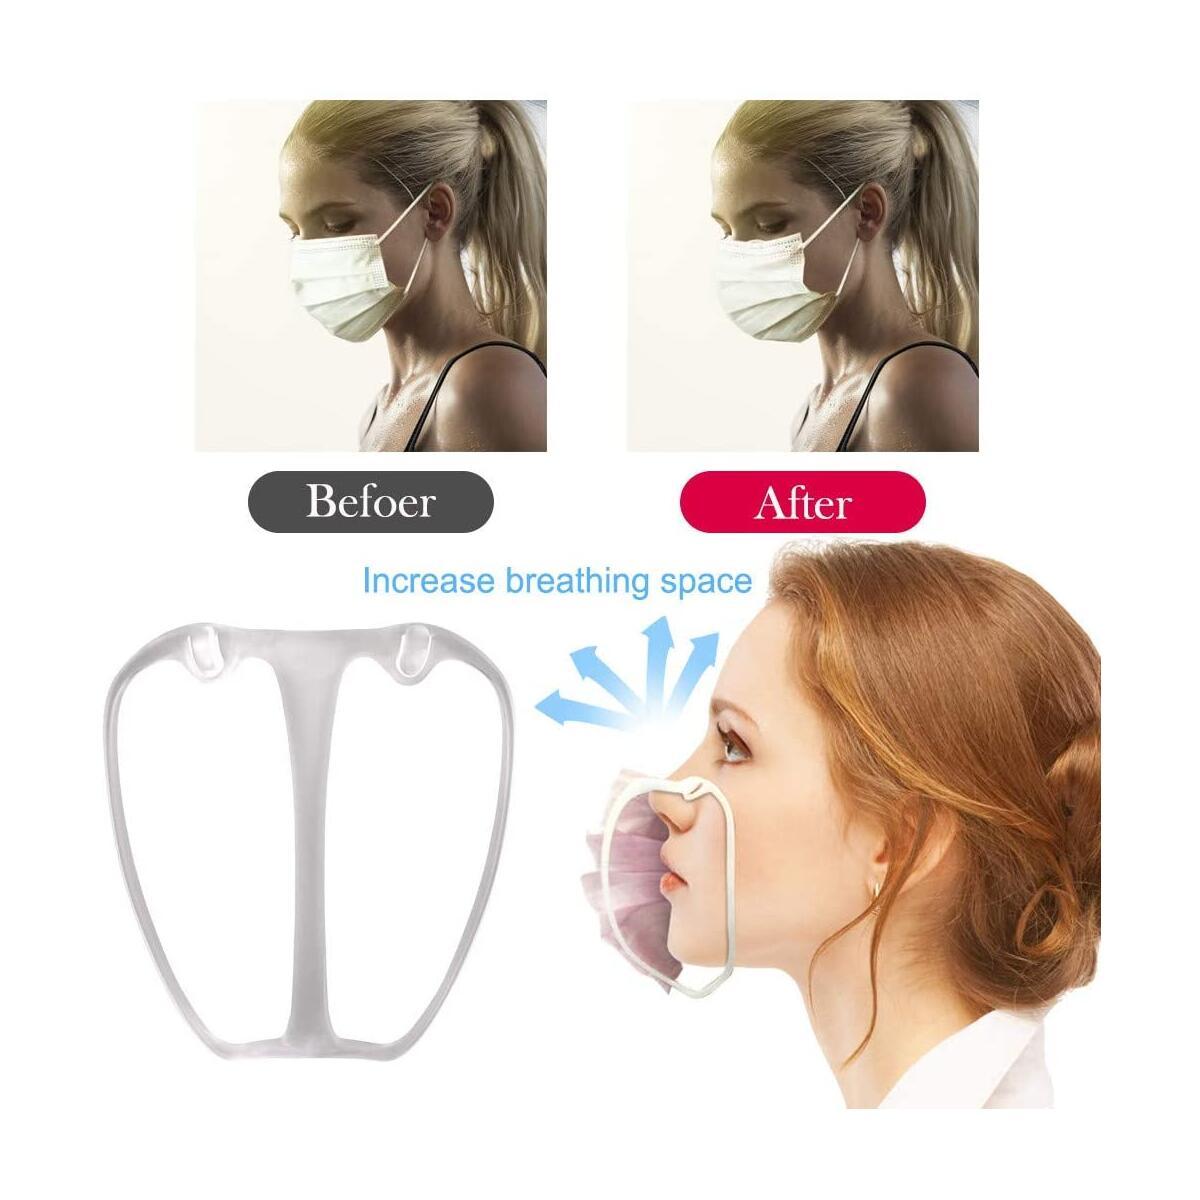 2/5/10pcs 3D Mask Bracket Inner Support Frame - 3D Bracket Comfortable Face_Mask Wearing - Lipstick Bracket Protector for Macks Bracket Support Frame Silicone Maske Extender Straps